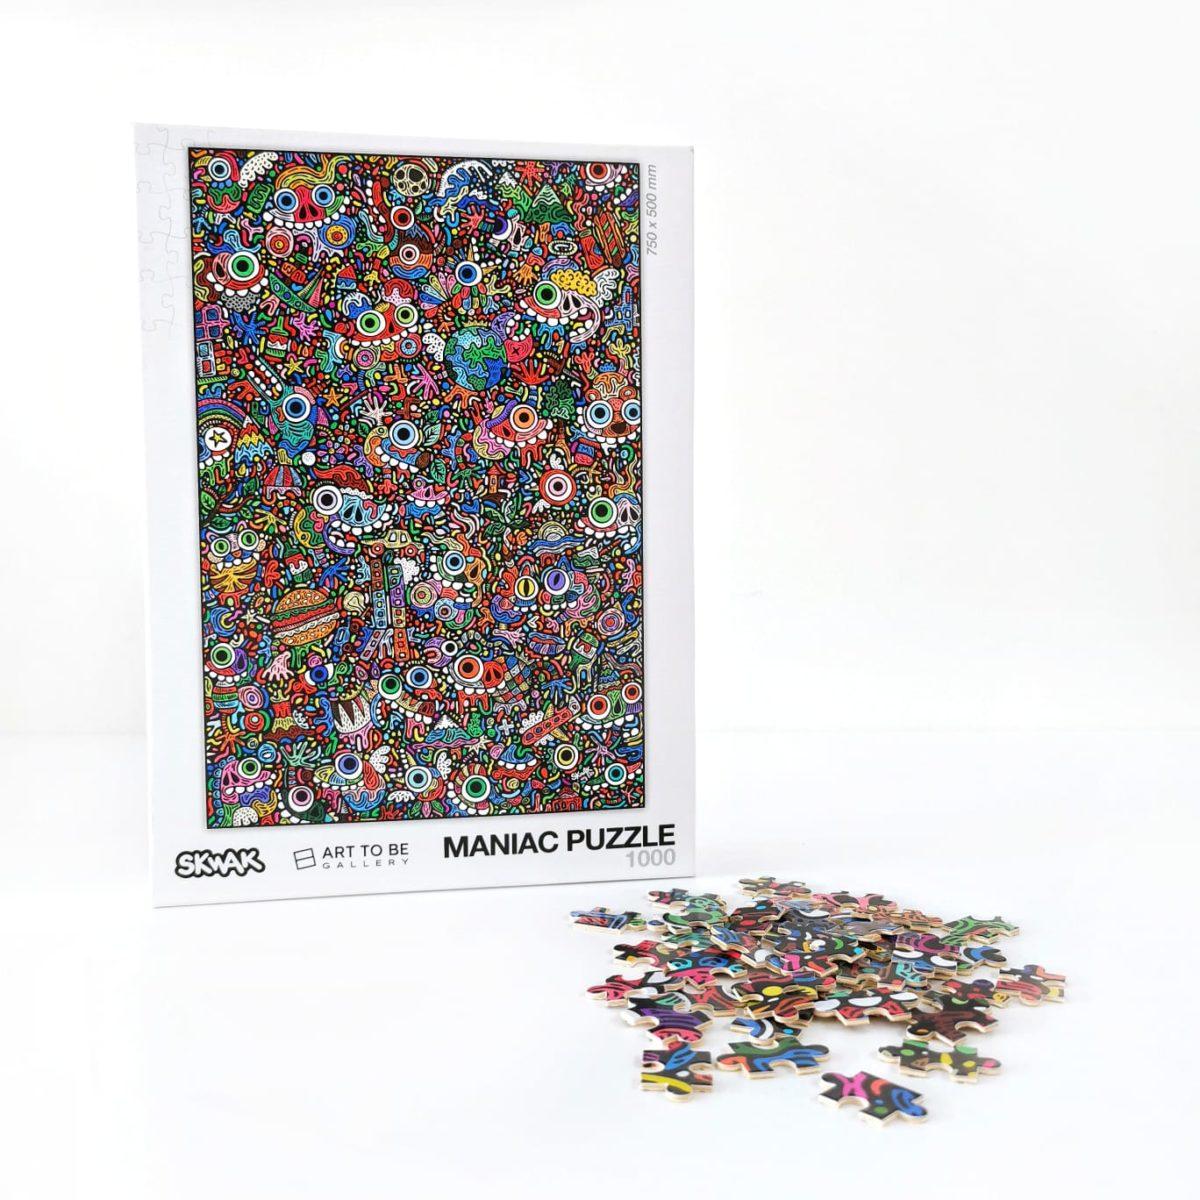 Maniac Puzzle